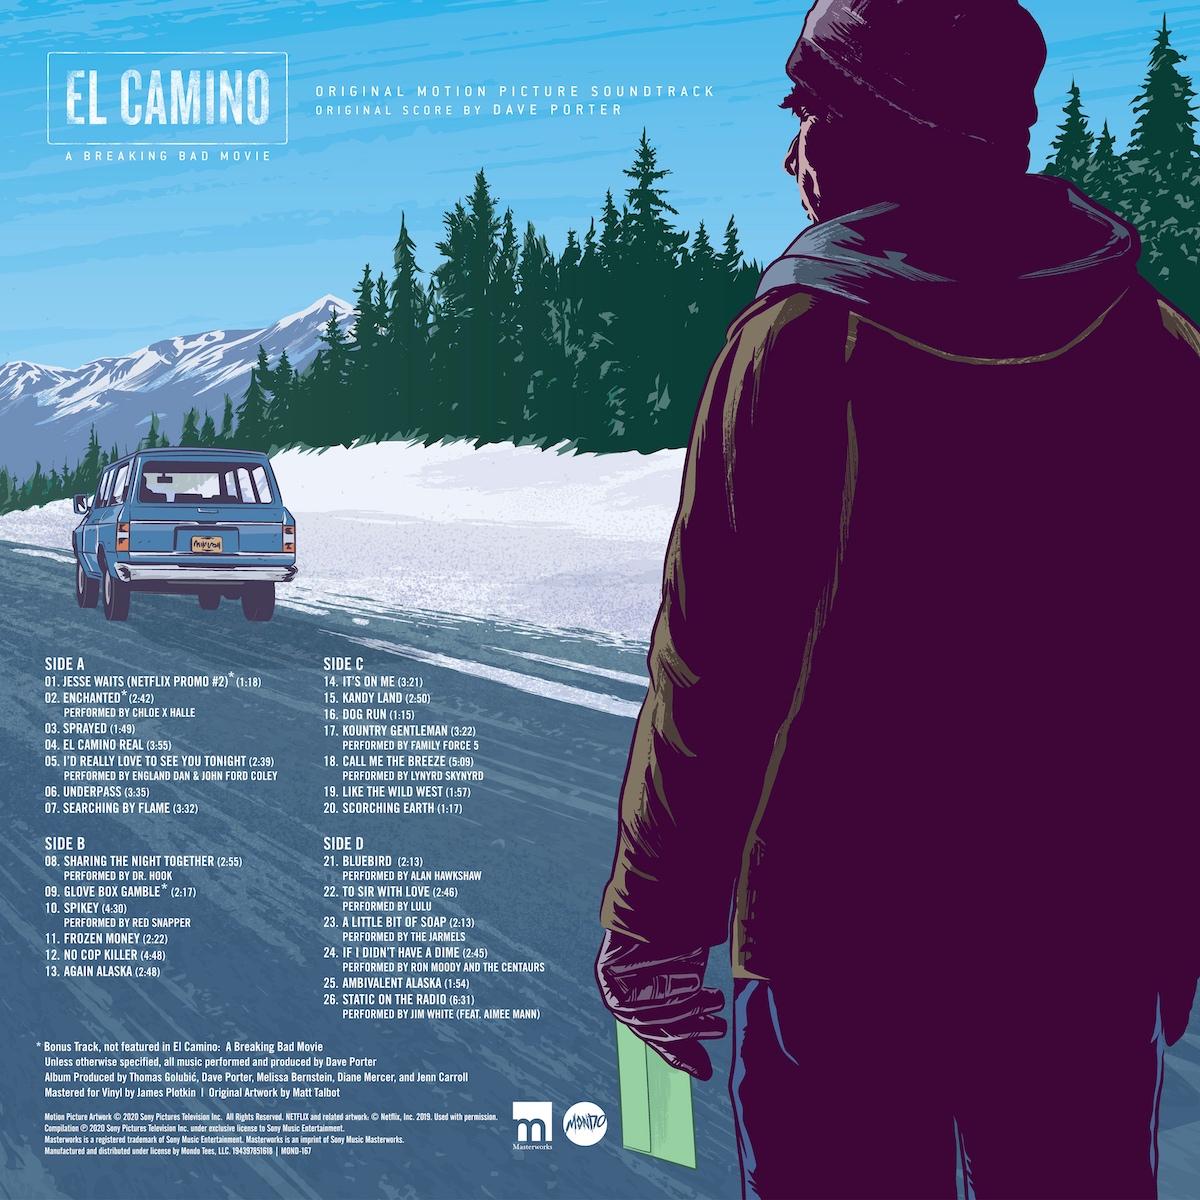 El Camino a Breaking Bad Movie soundtrack mondo vinyl back